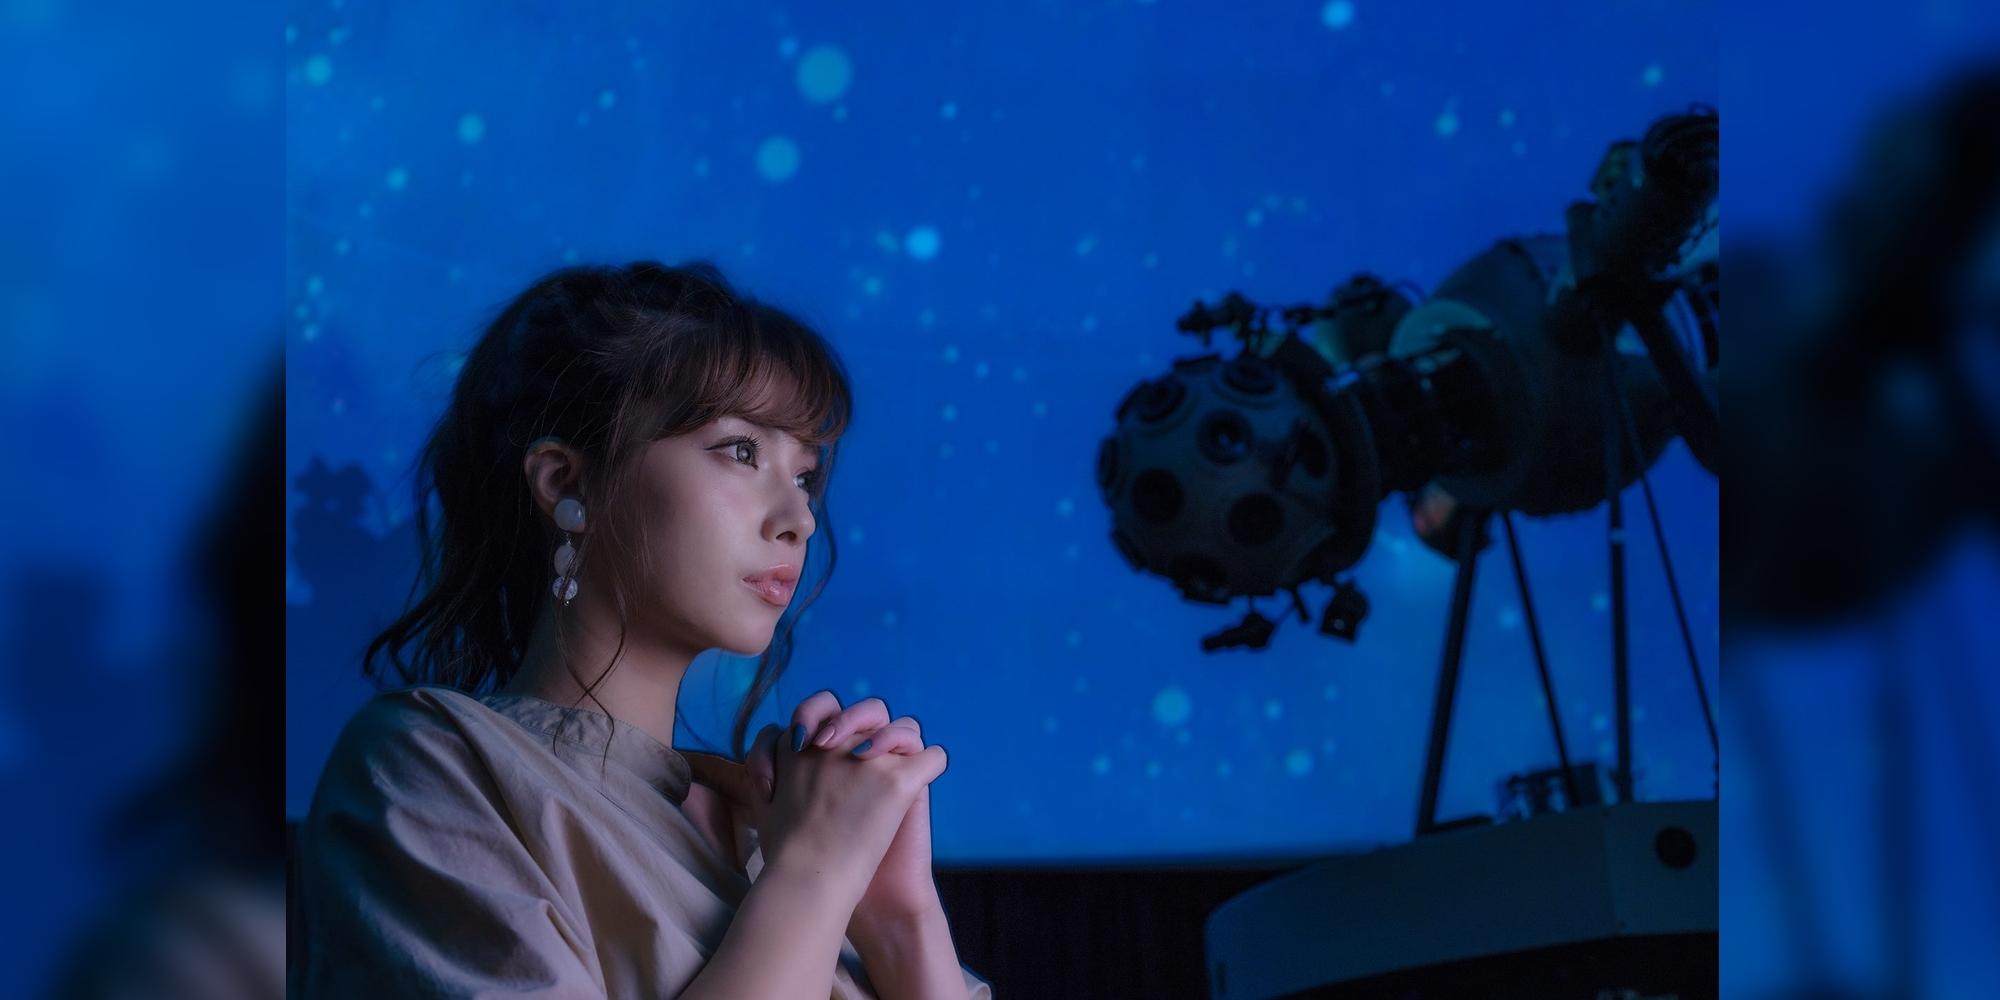 プラネターリアム銀河座ブログ背景